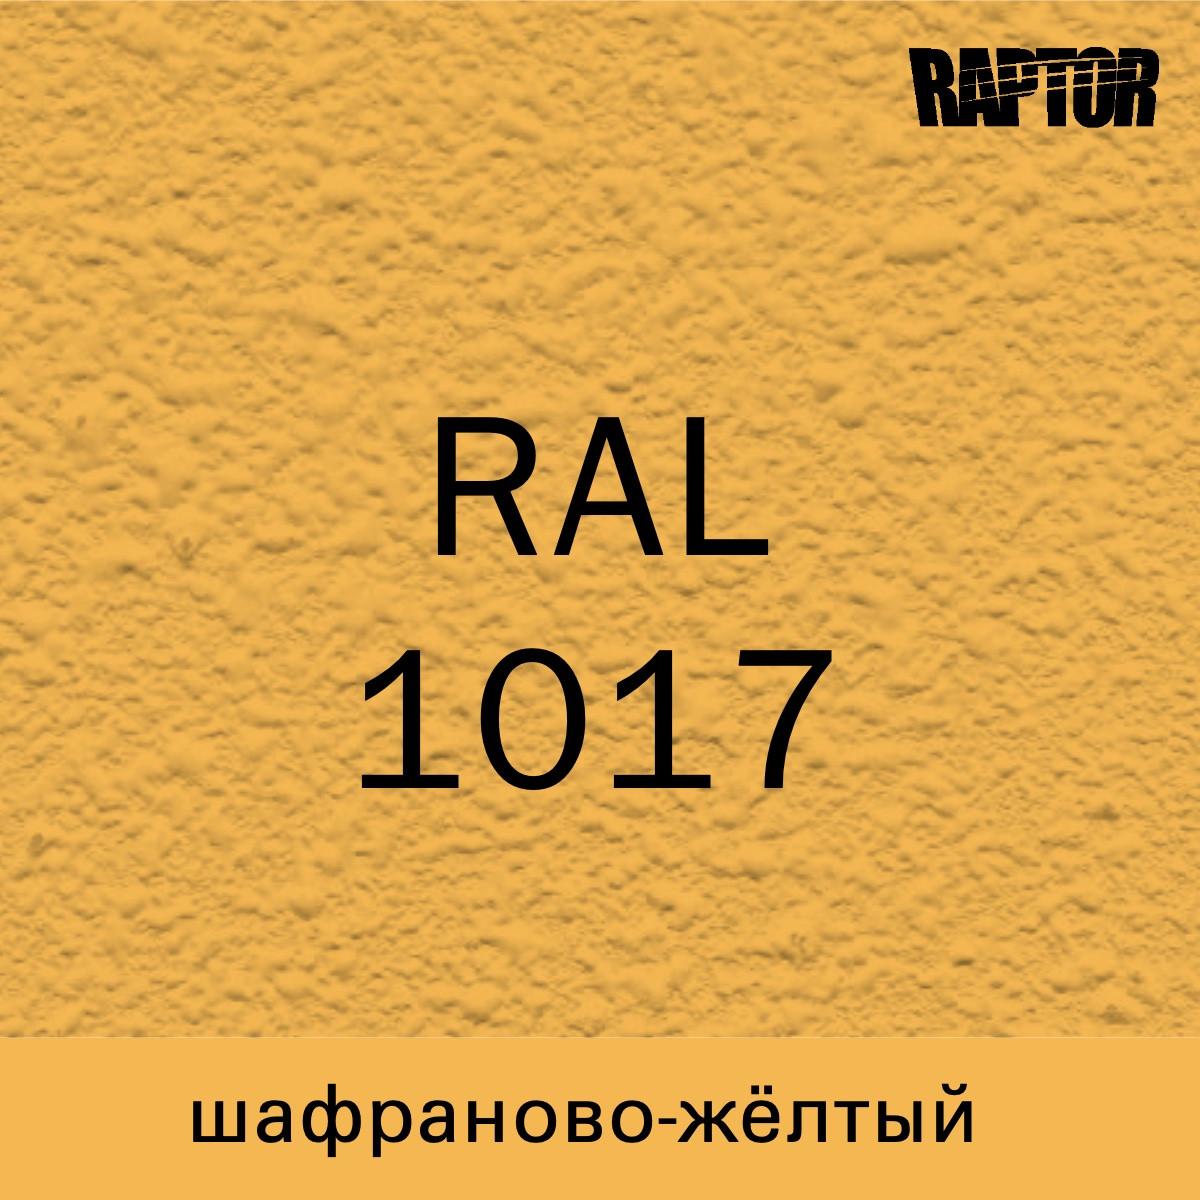 Пигмент для колеровки покрытия RAPTOR™ Шафраново-жёлтый (RAL 1017)